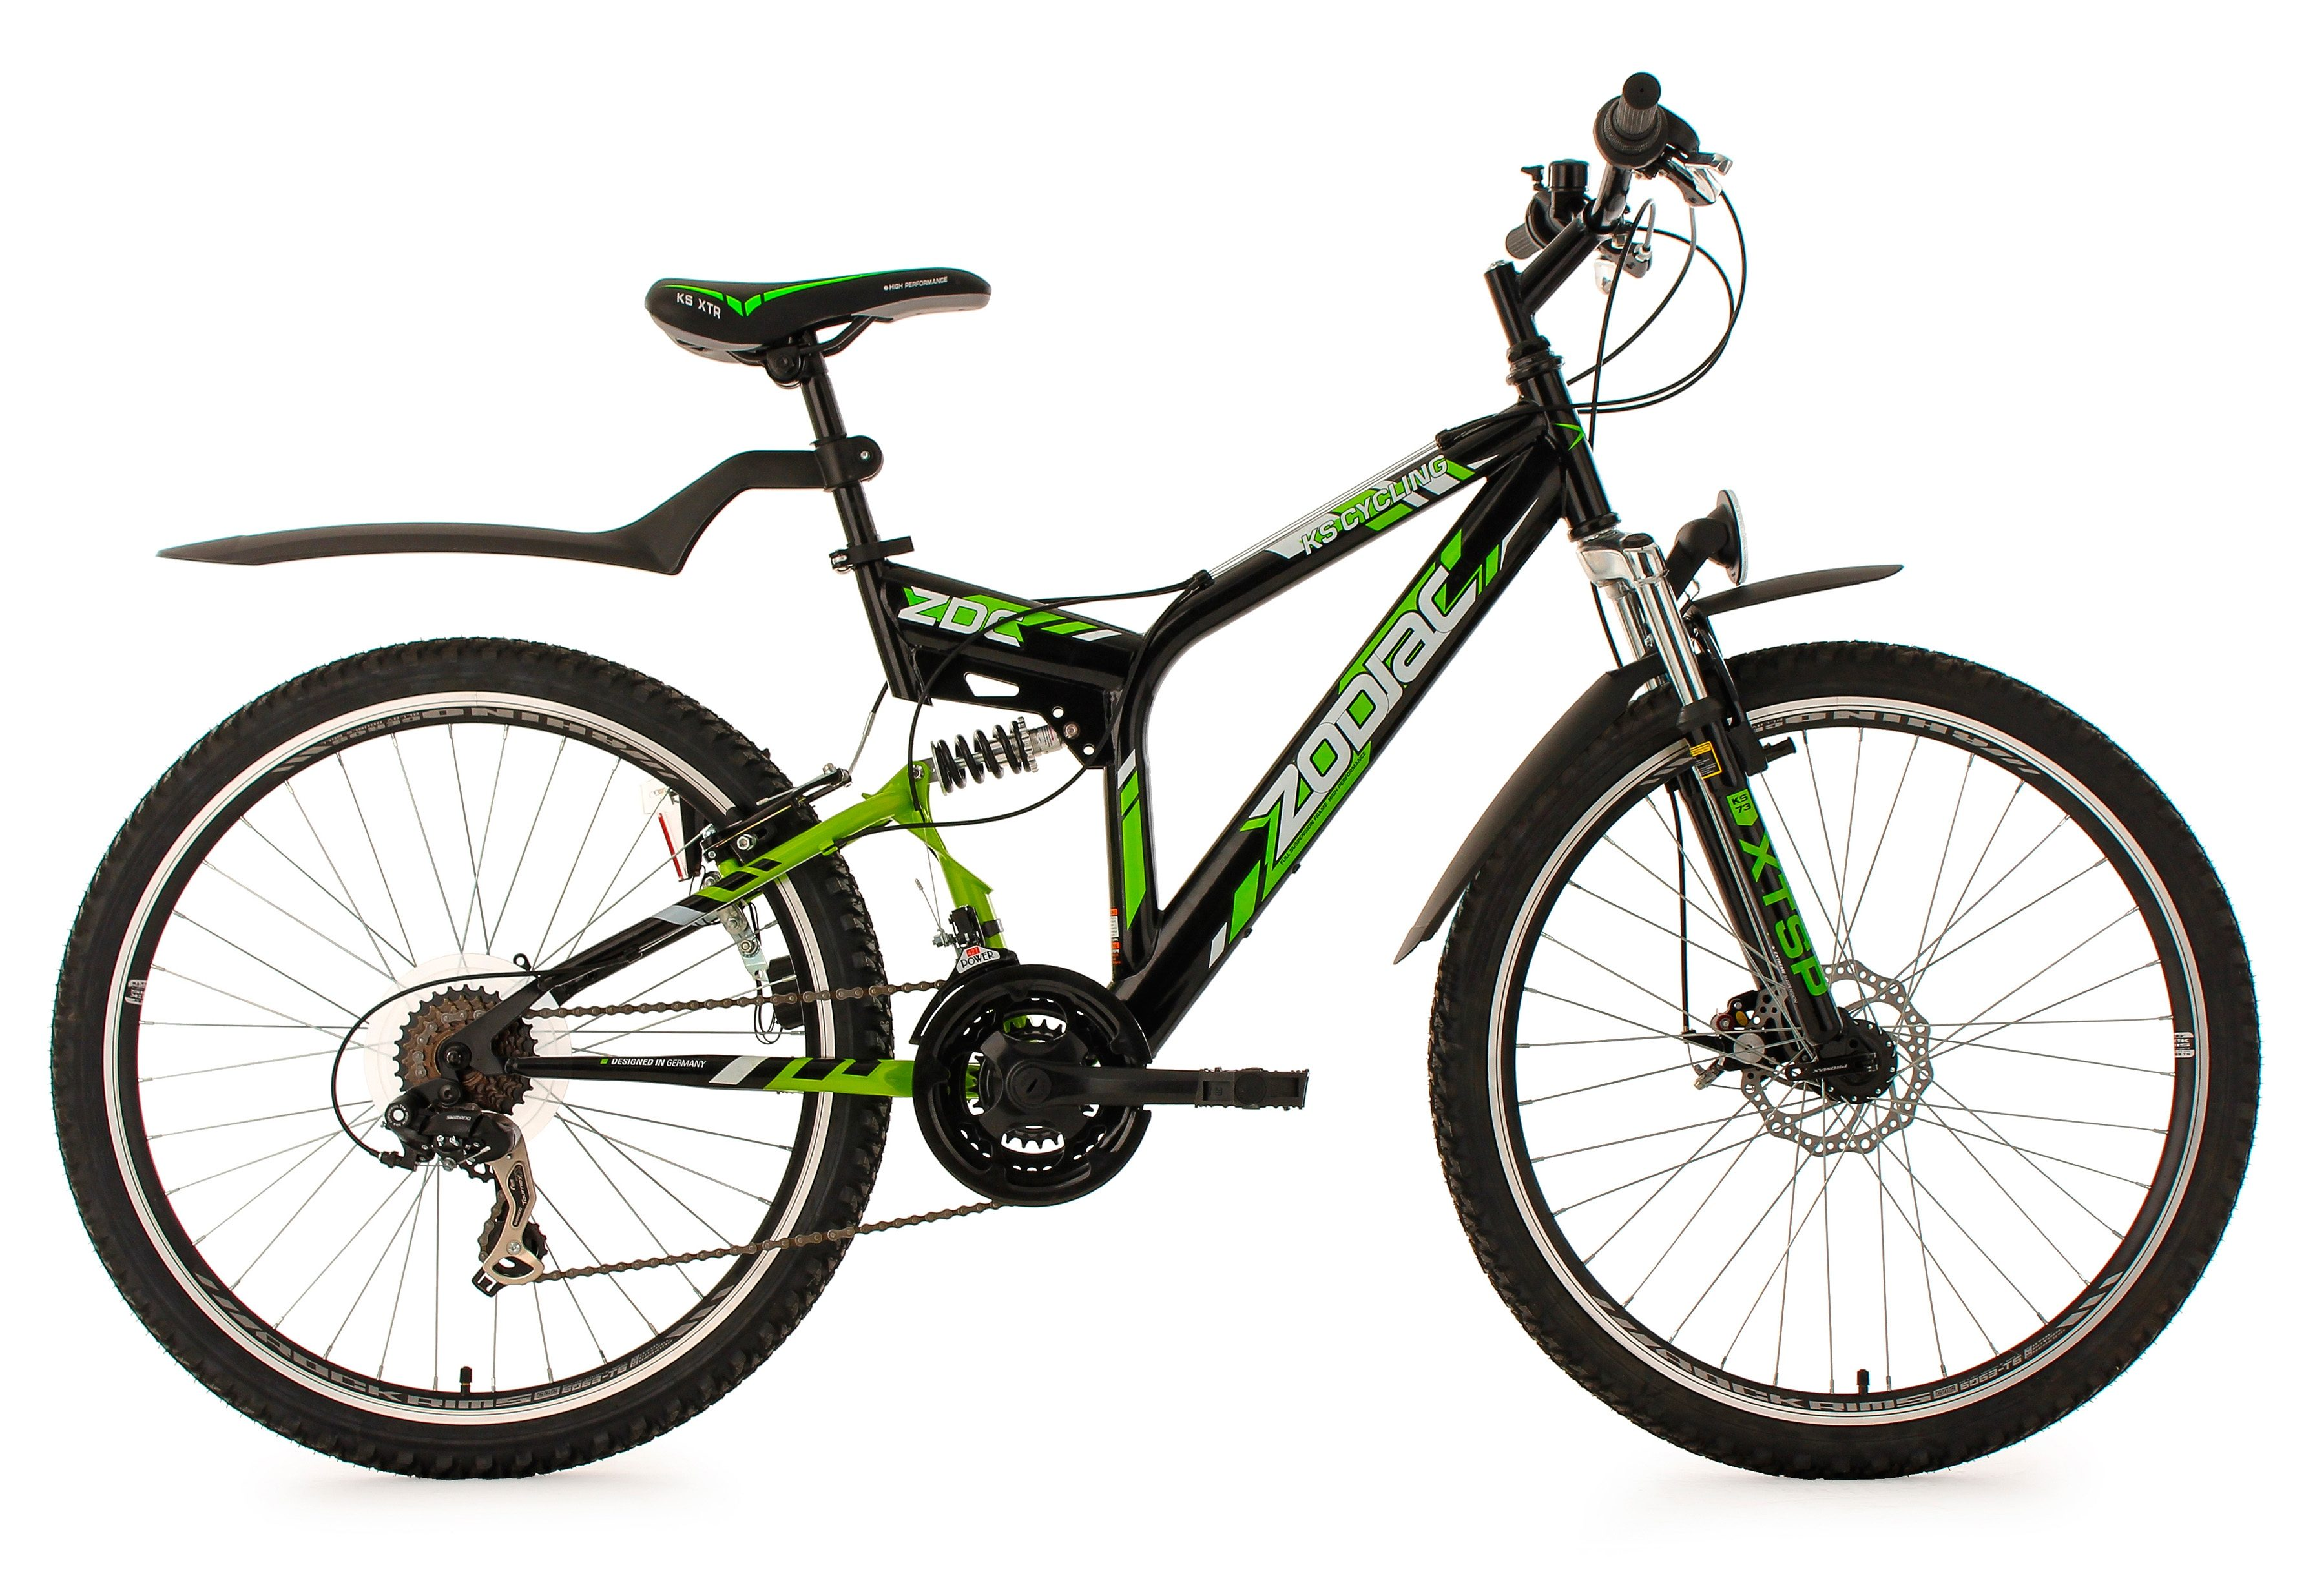 Fully-Mountainbike, 26 Zoll, SHIMANO 21 Gang Kettenschaltung, schwarz-grün, »Zodiac«, KS Cycling